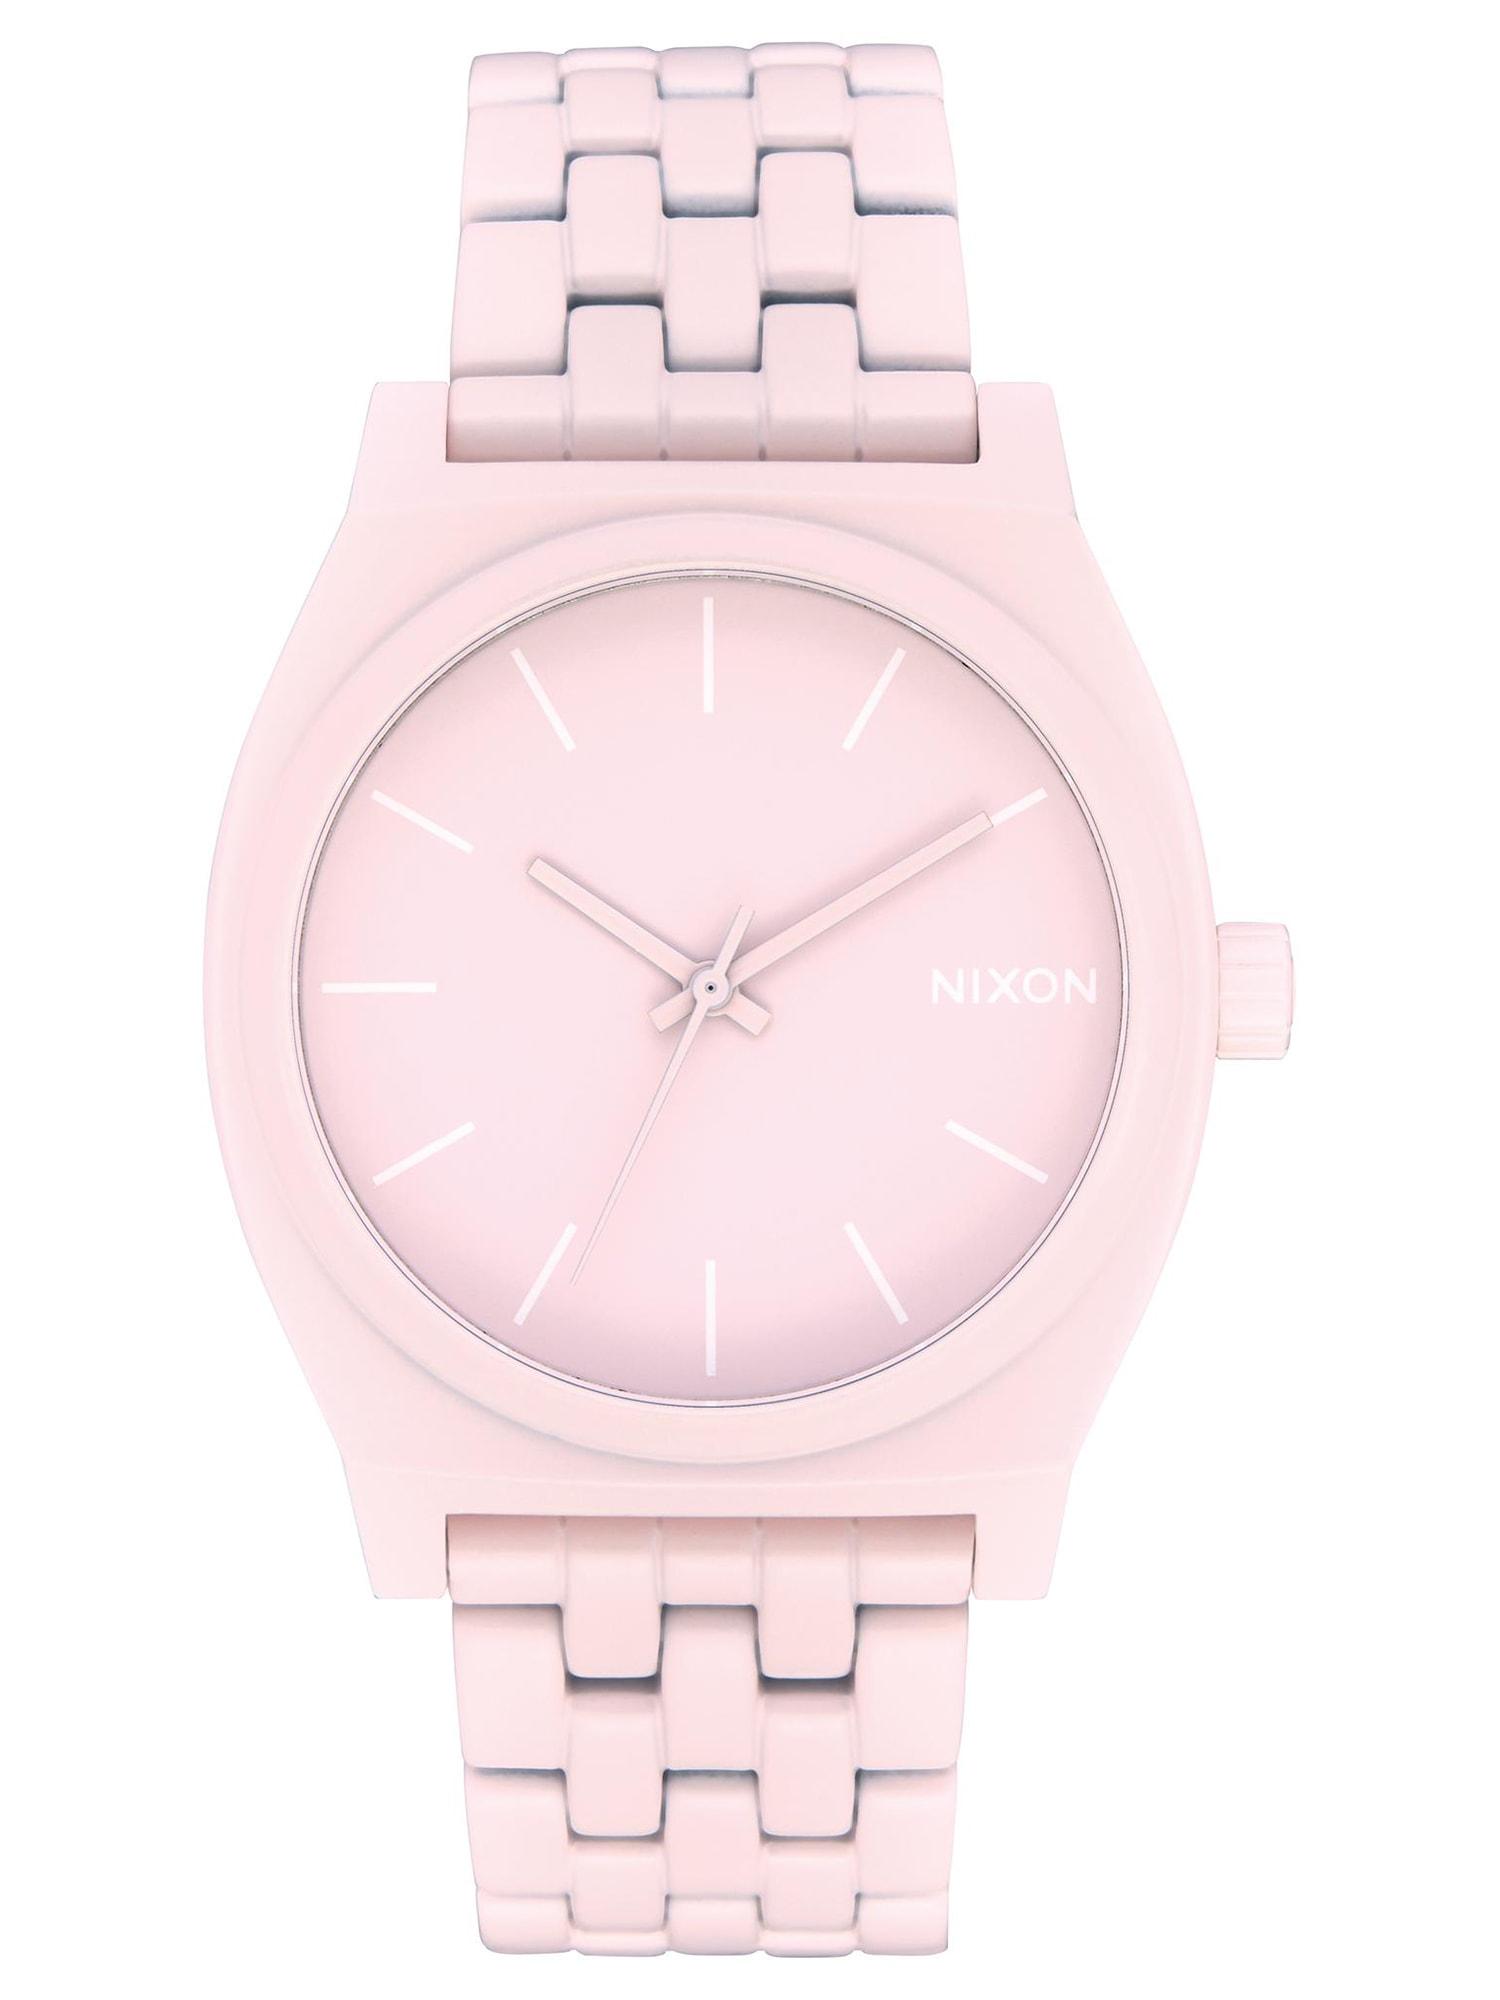 Analogové hodinky Time Teller růžová Nixon